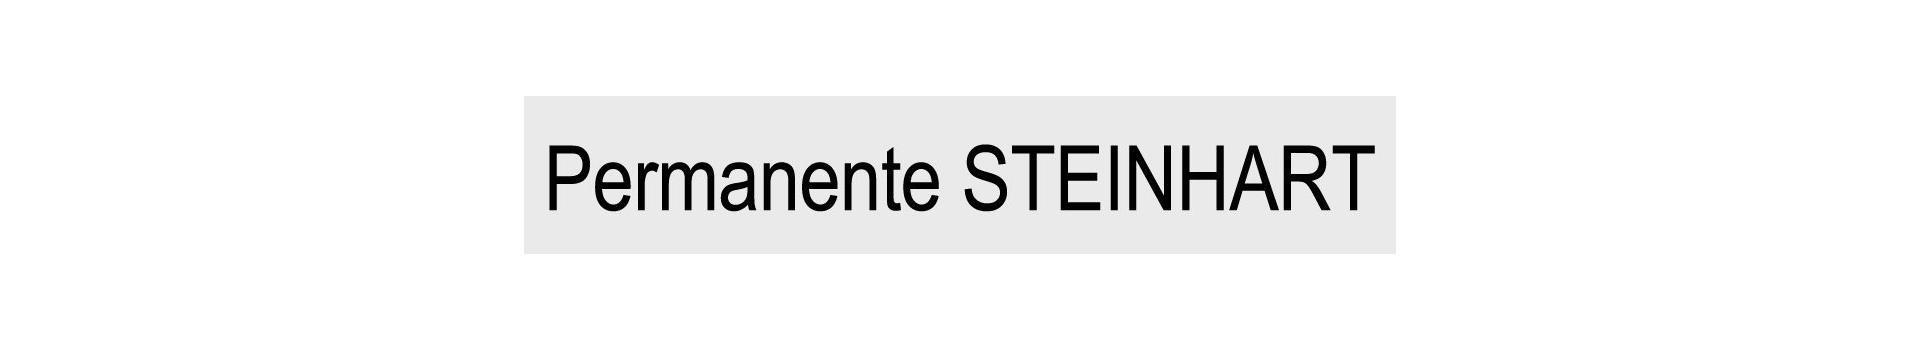 Permanente STEINHART